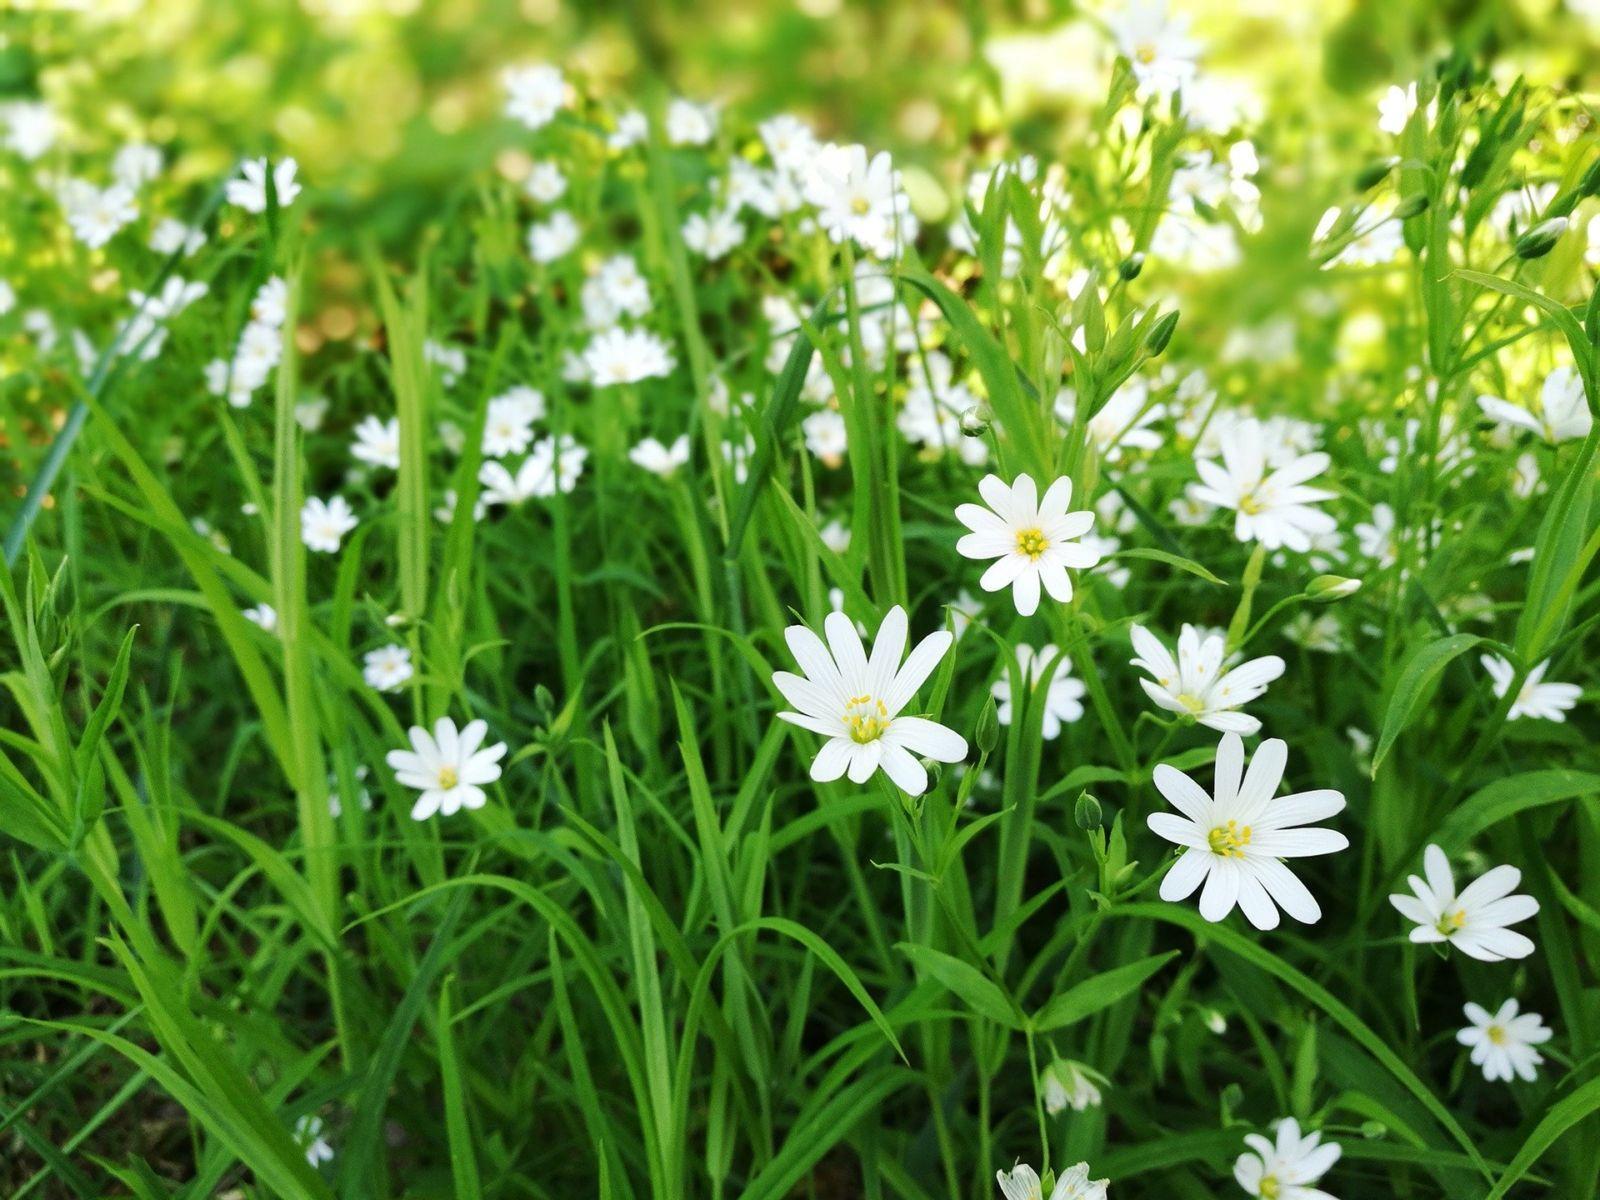 Valkoisia niittykukkia kasvaa aurinkoisella nurmella.